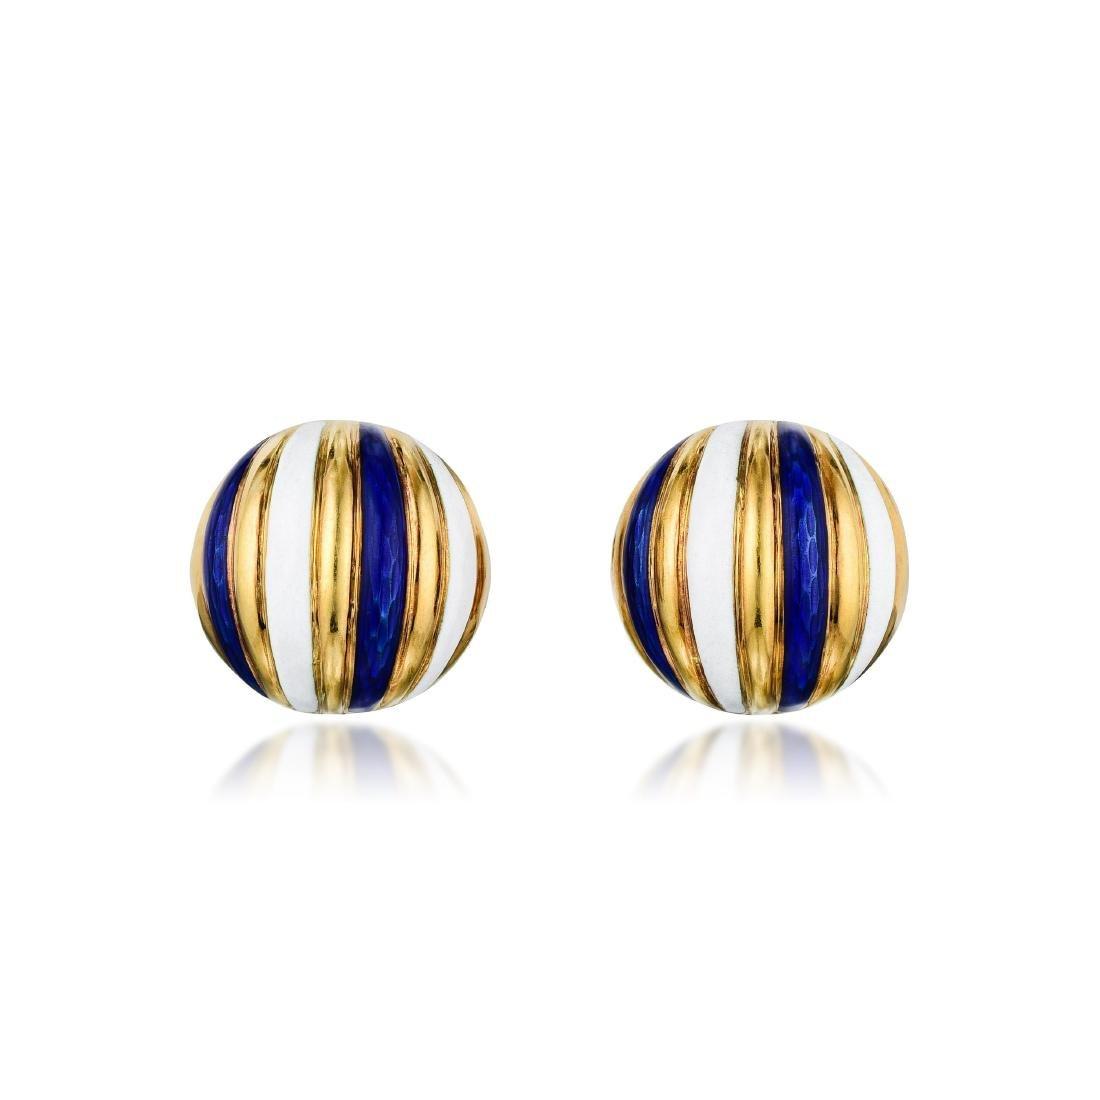 Tiffany & Co. Enamel Earclips